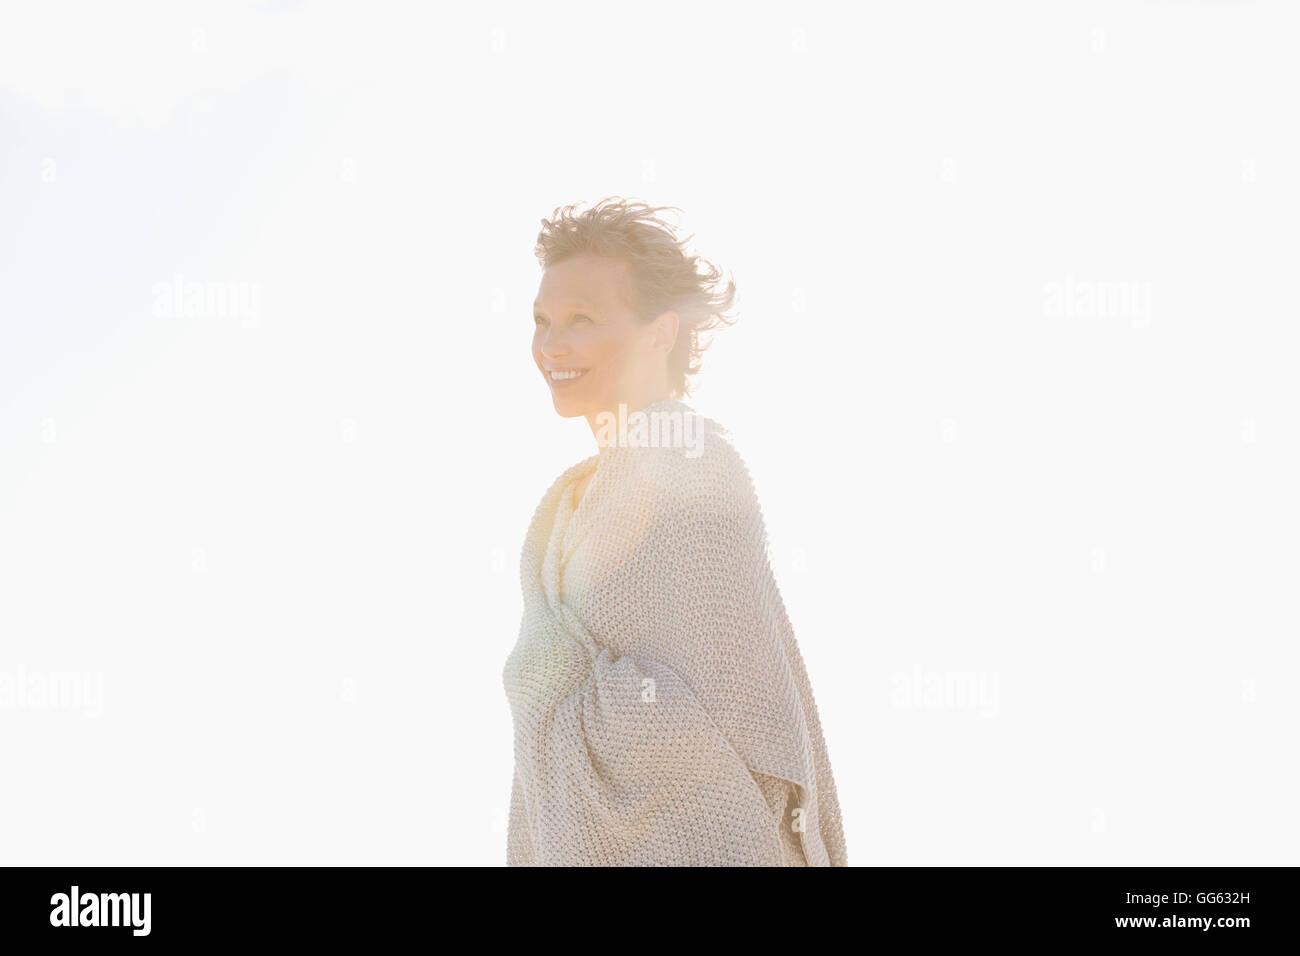 El perfil lateral de una mujer sonriendo Imagen De Stock